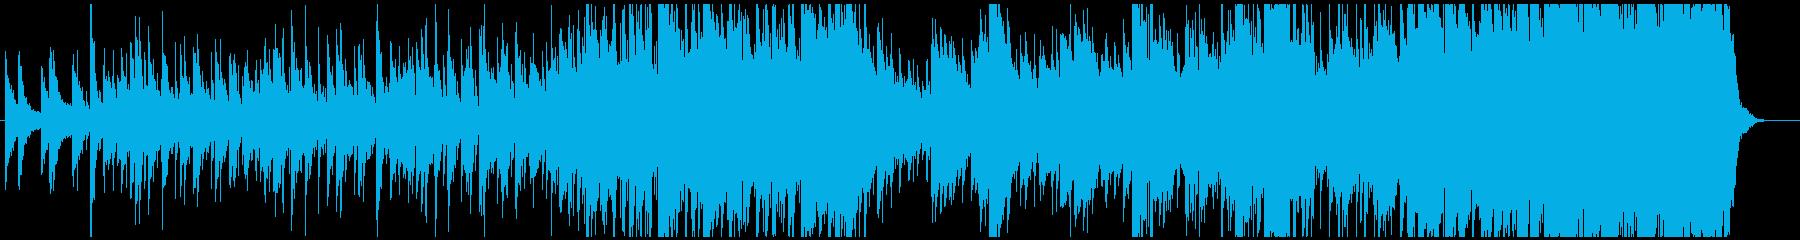 実験的 ロック ポストロック ドラ...の再生済みの波形